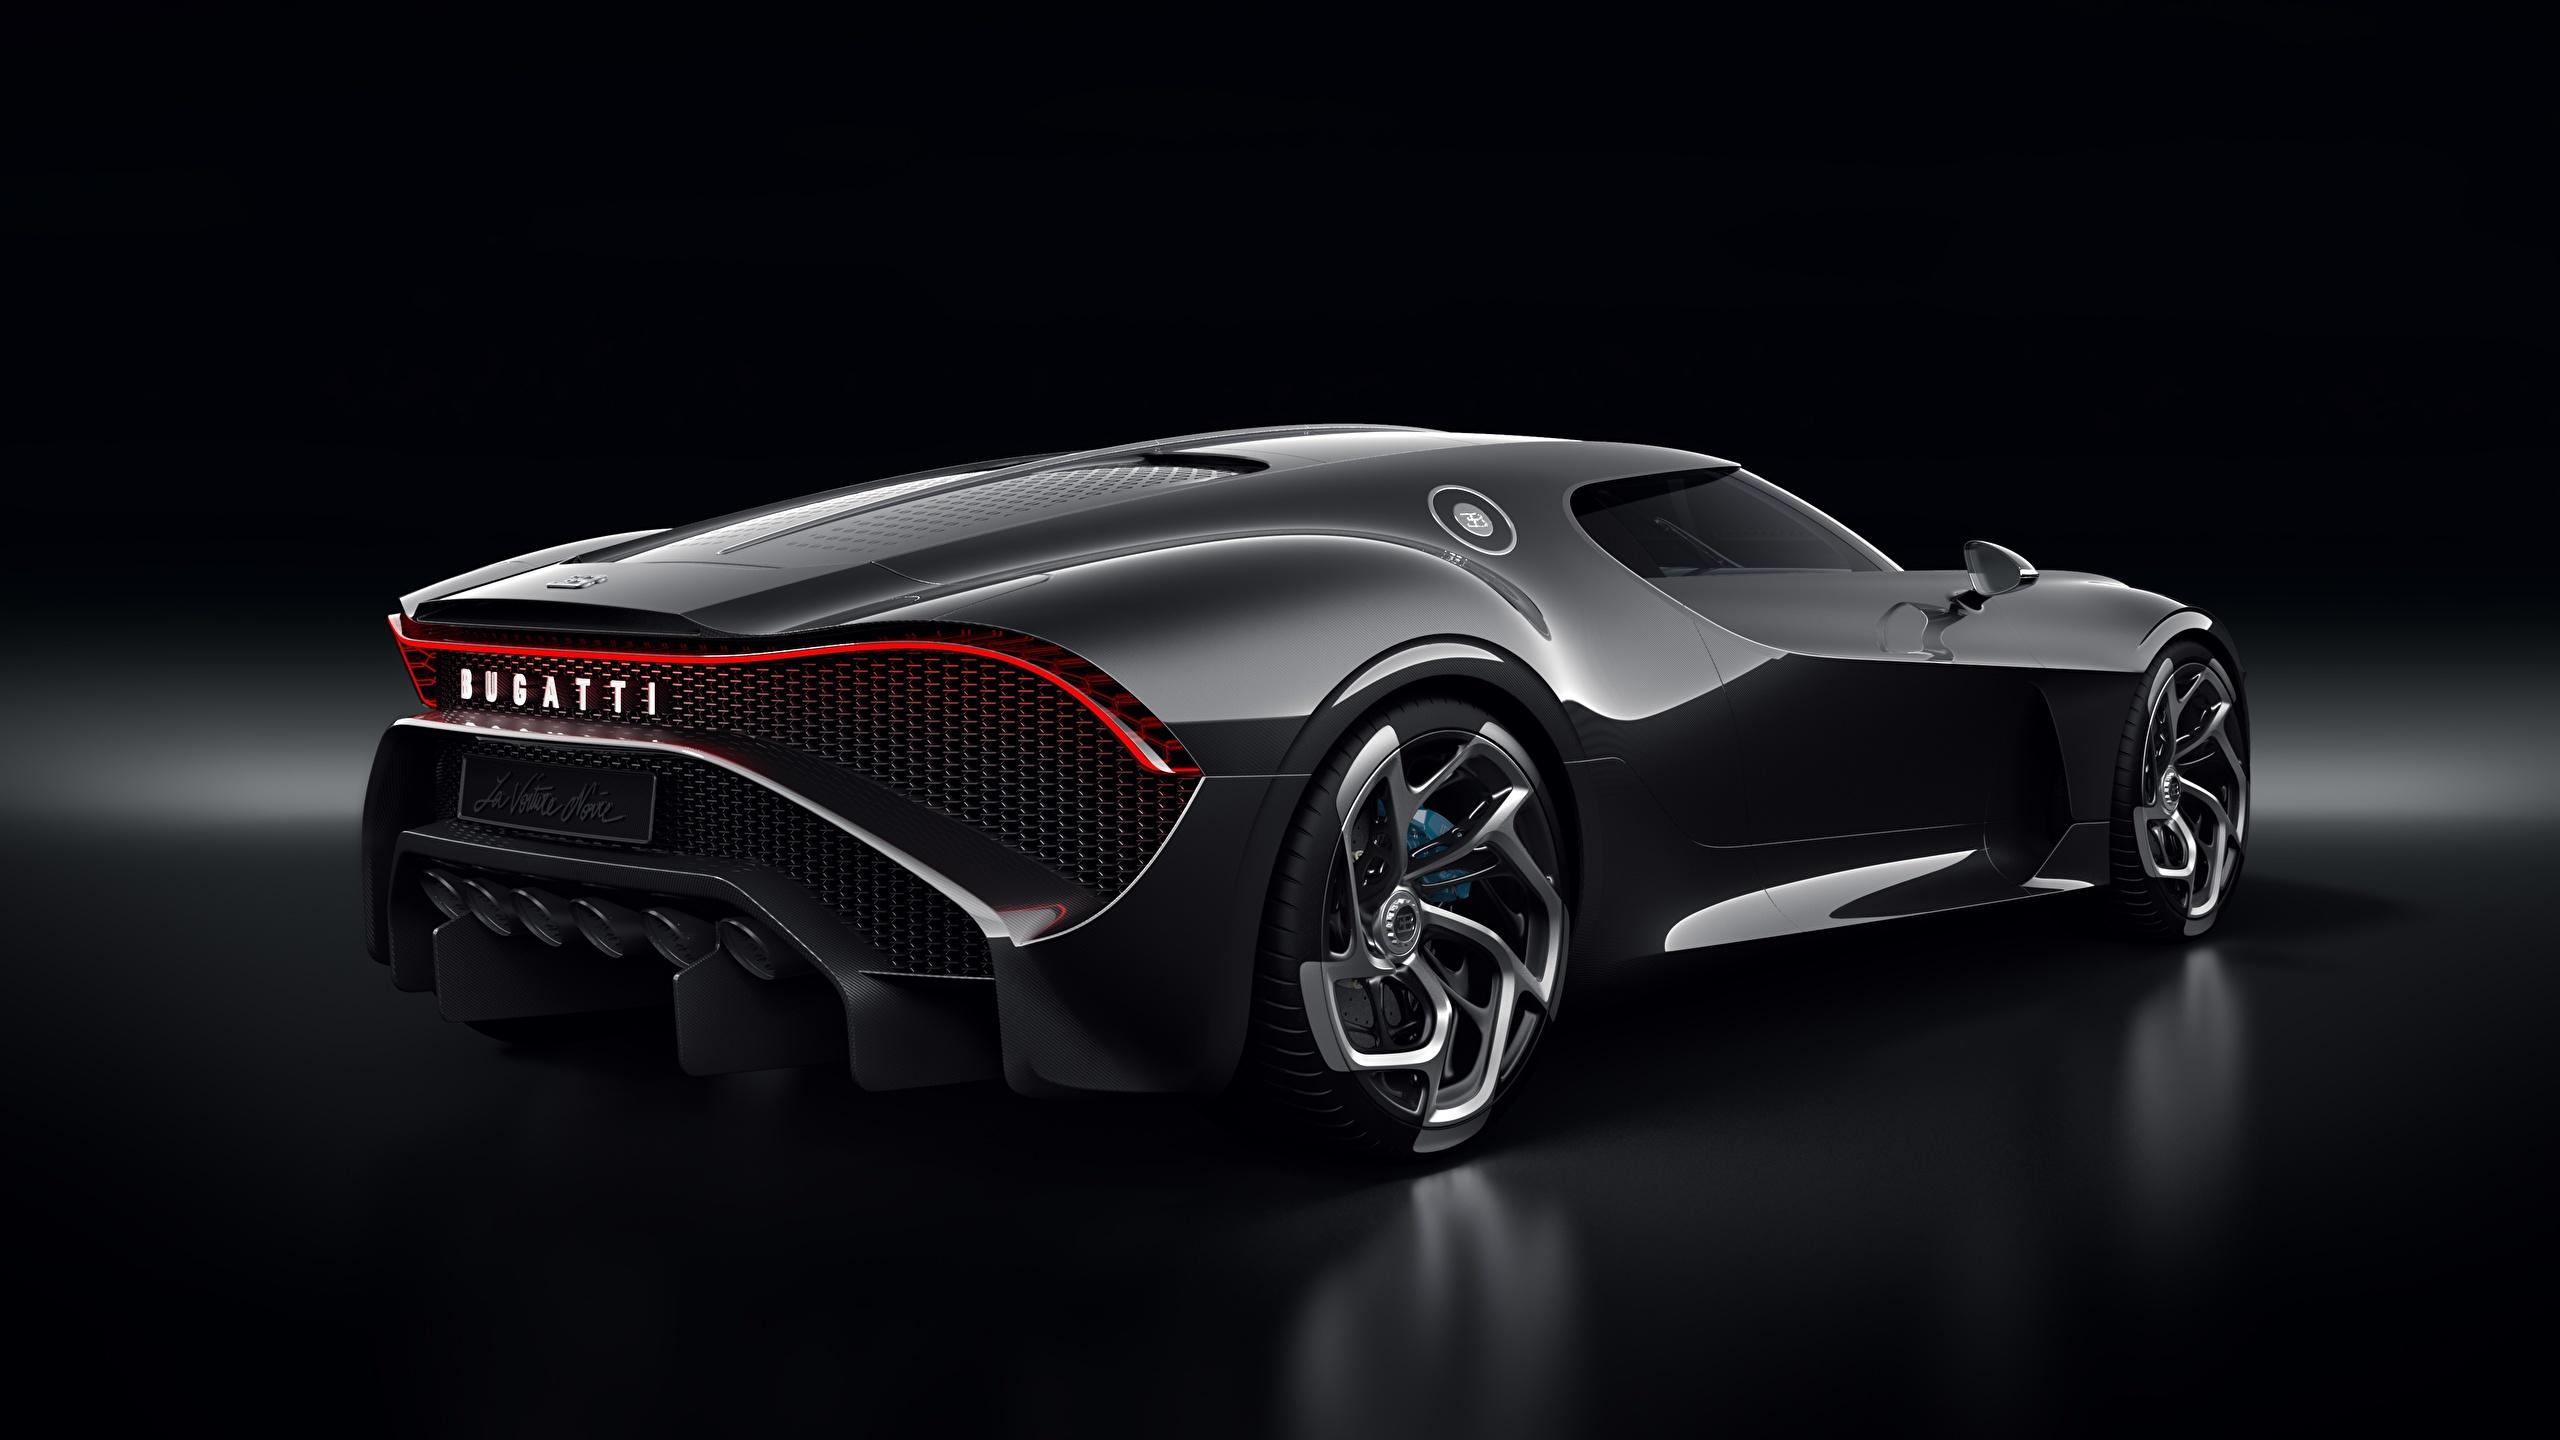 Fonds Decran 2560x1440 Bugatti La Voiture Noire Noir Fond